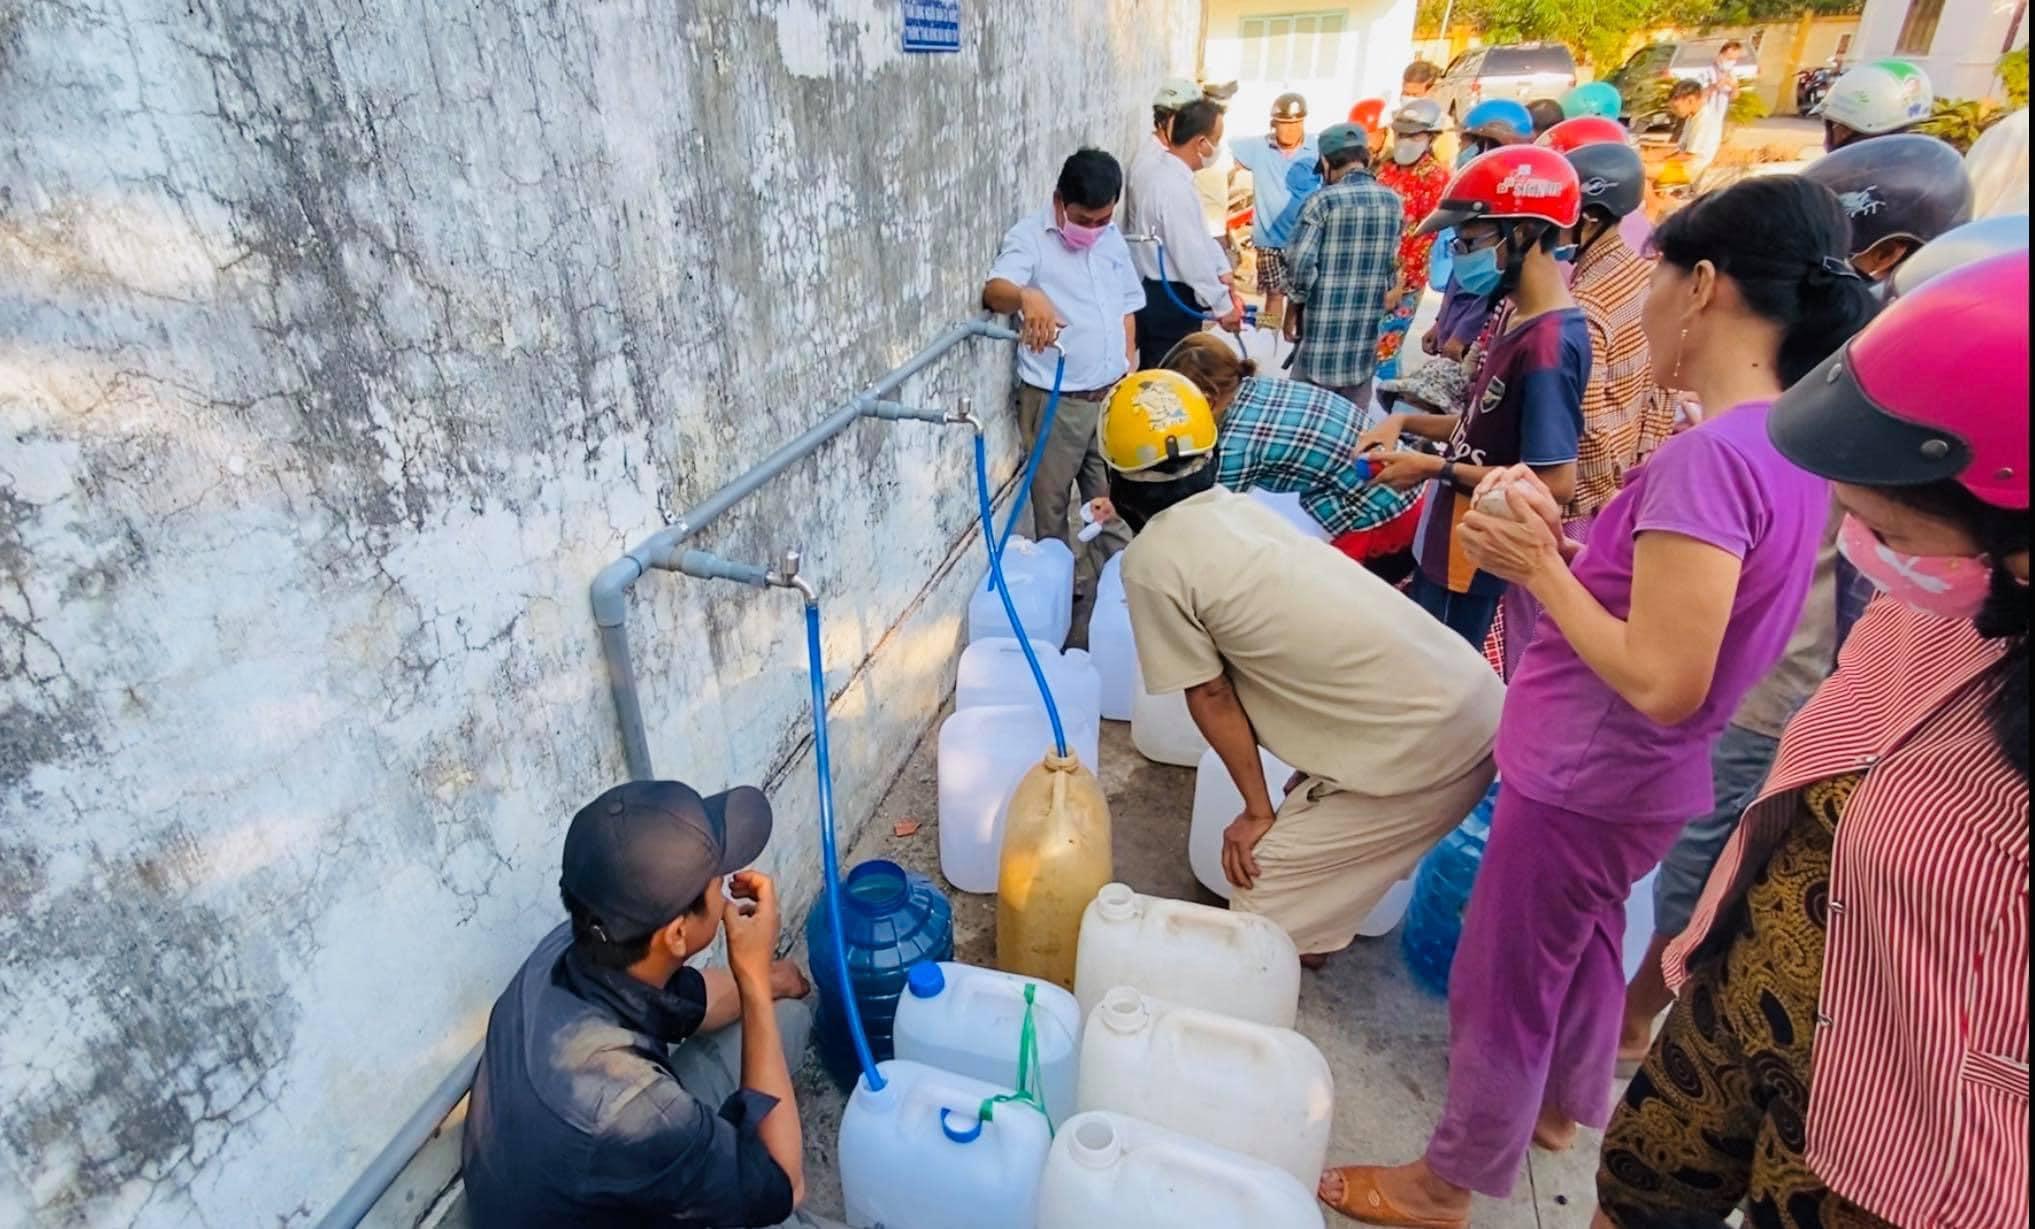 Với số tiền kêu gọi được, Thủy Tiên đã giúp gần 200.000 hộ dân miền Tây có nước ngọt sạch để sinh hoạt ăn uống, lắp đặt các trạm máy lọc nước có tuổi thọ trong 5-7 năm, hỗ trợ lúa giống cho hơn 3000 hộ nông dân tái trồng trọt mùa vụ mới.